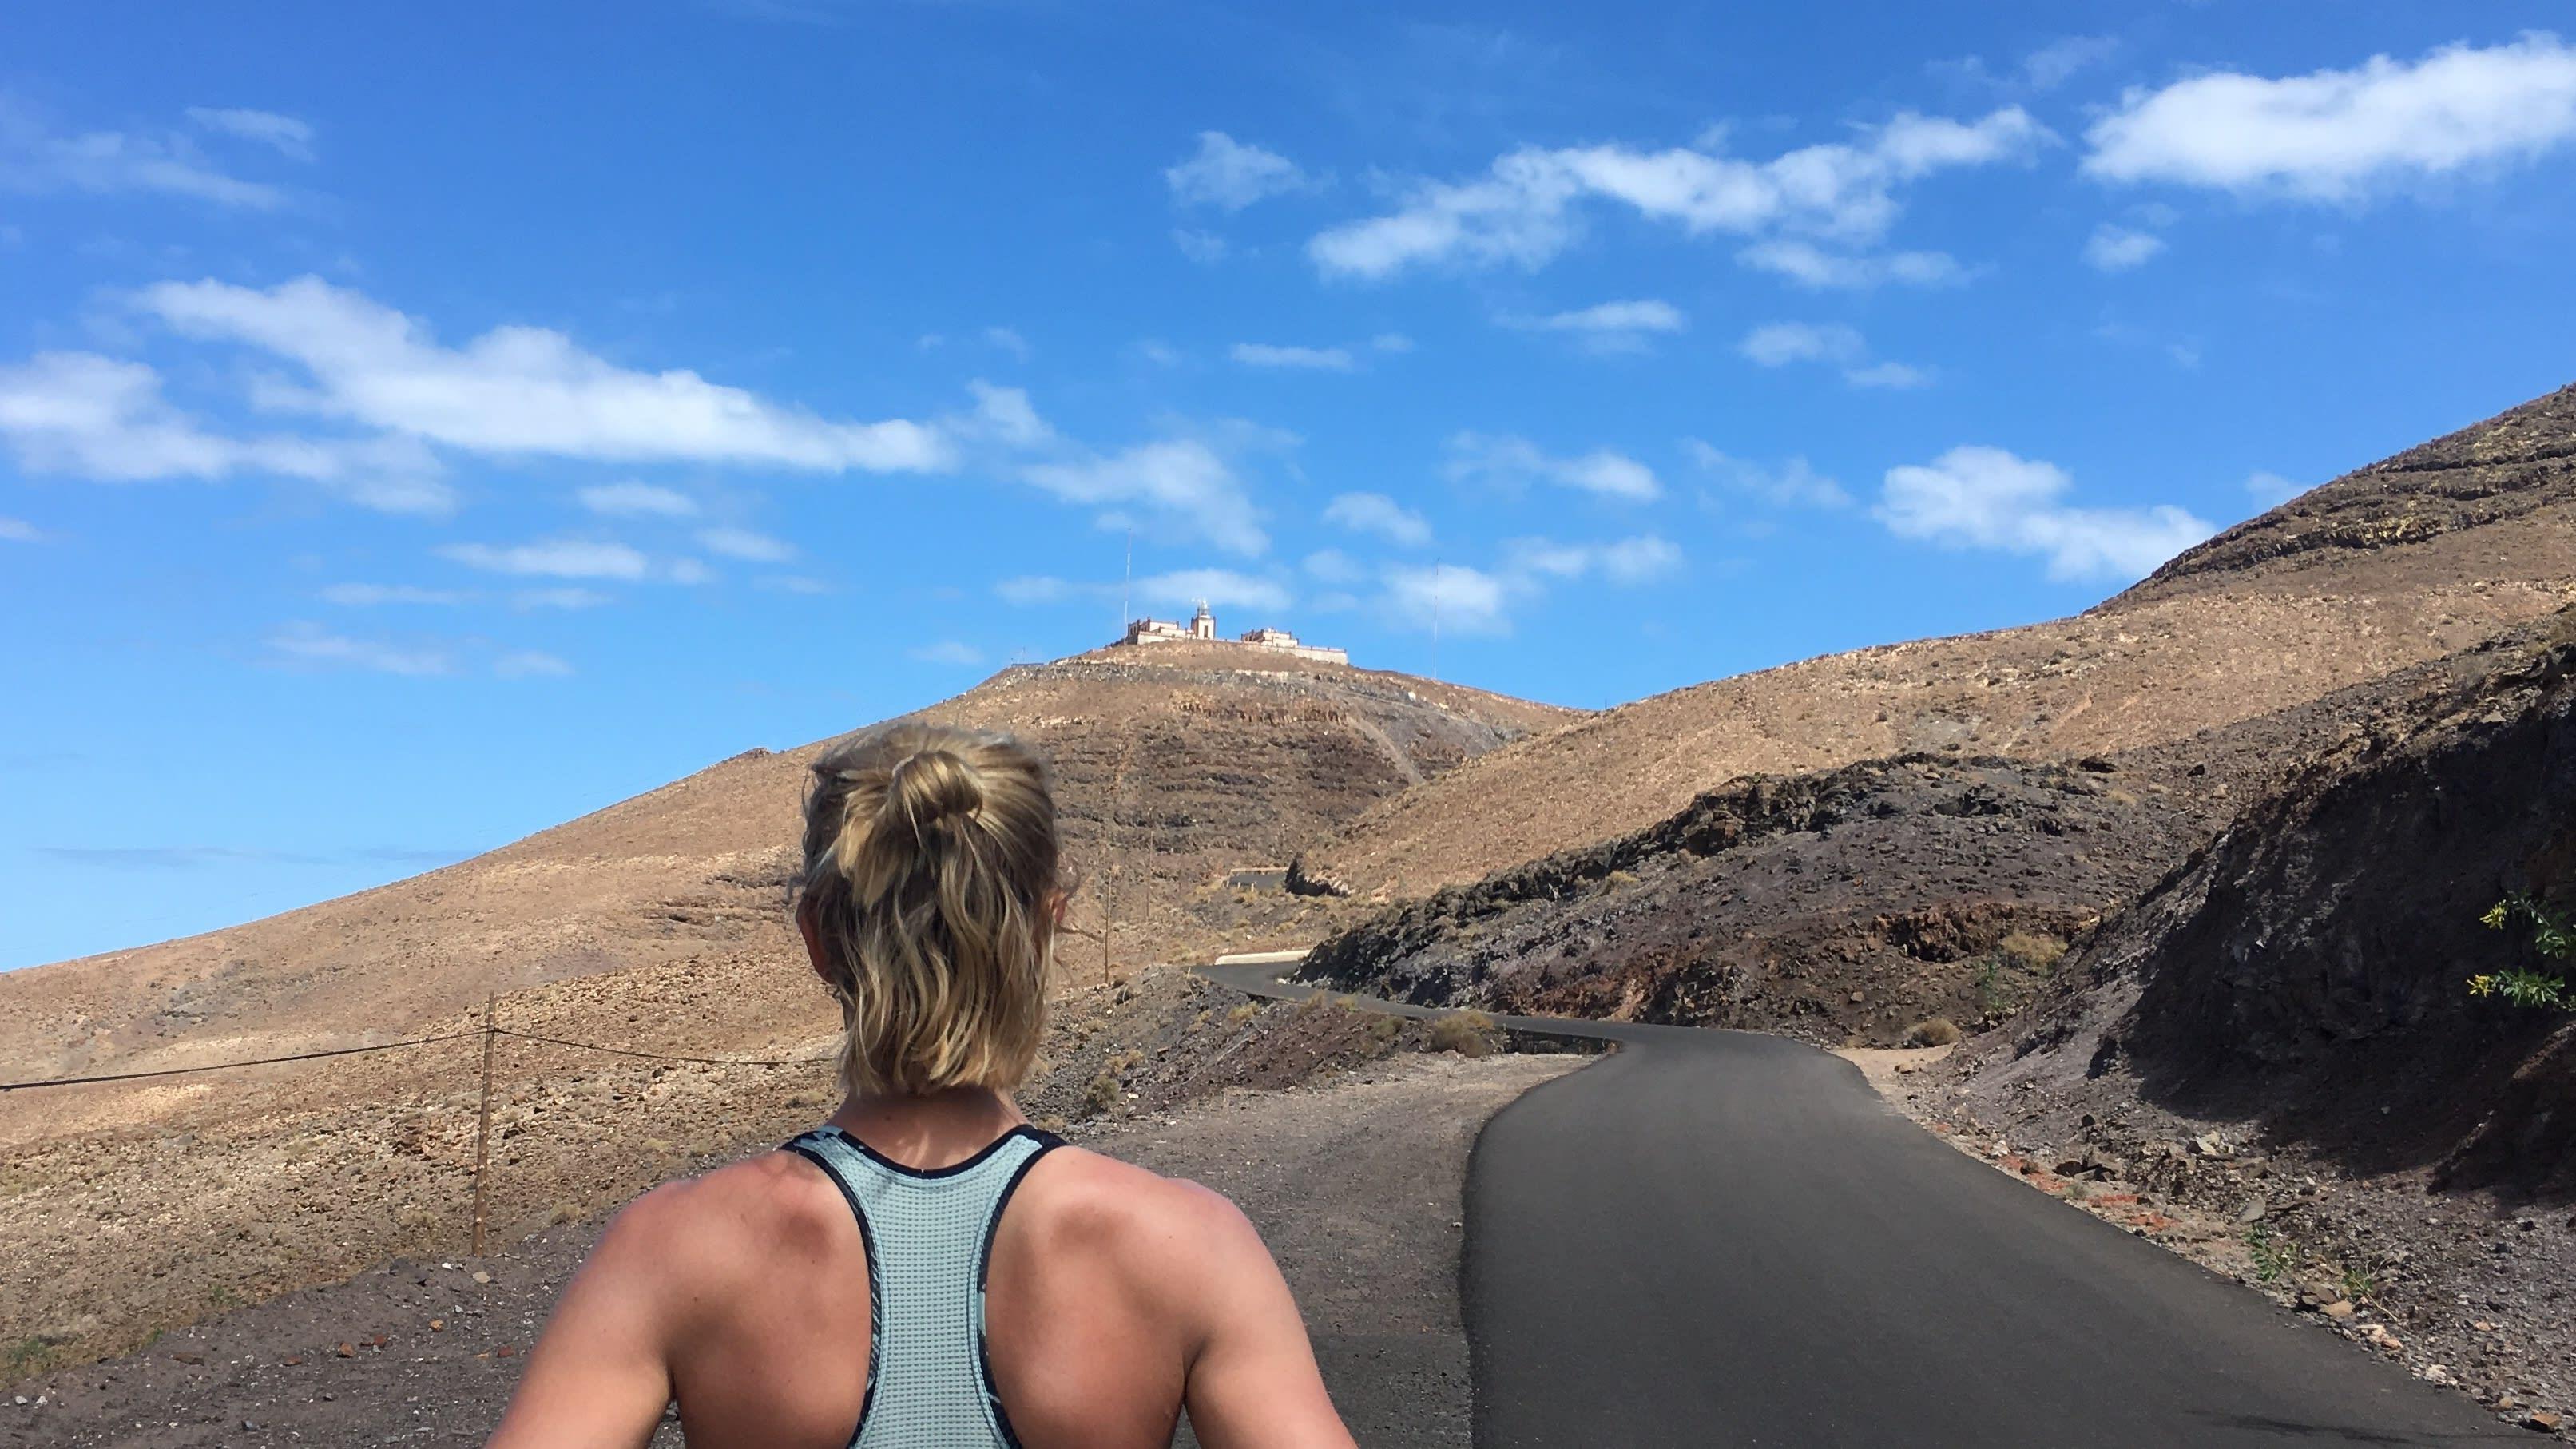 Backträning på löpband - 3 tips på upplägg